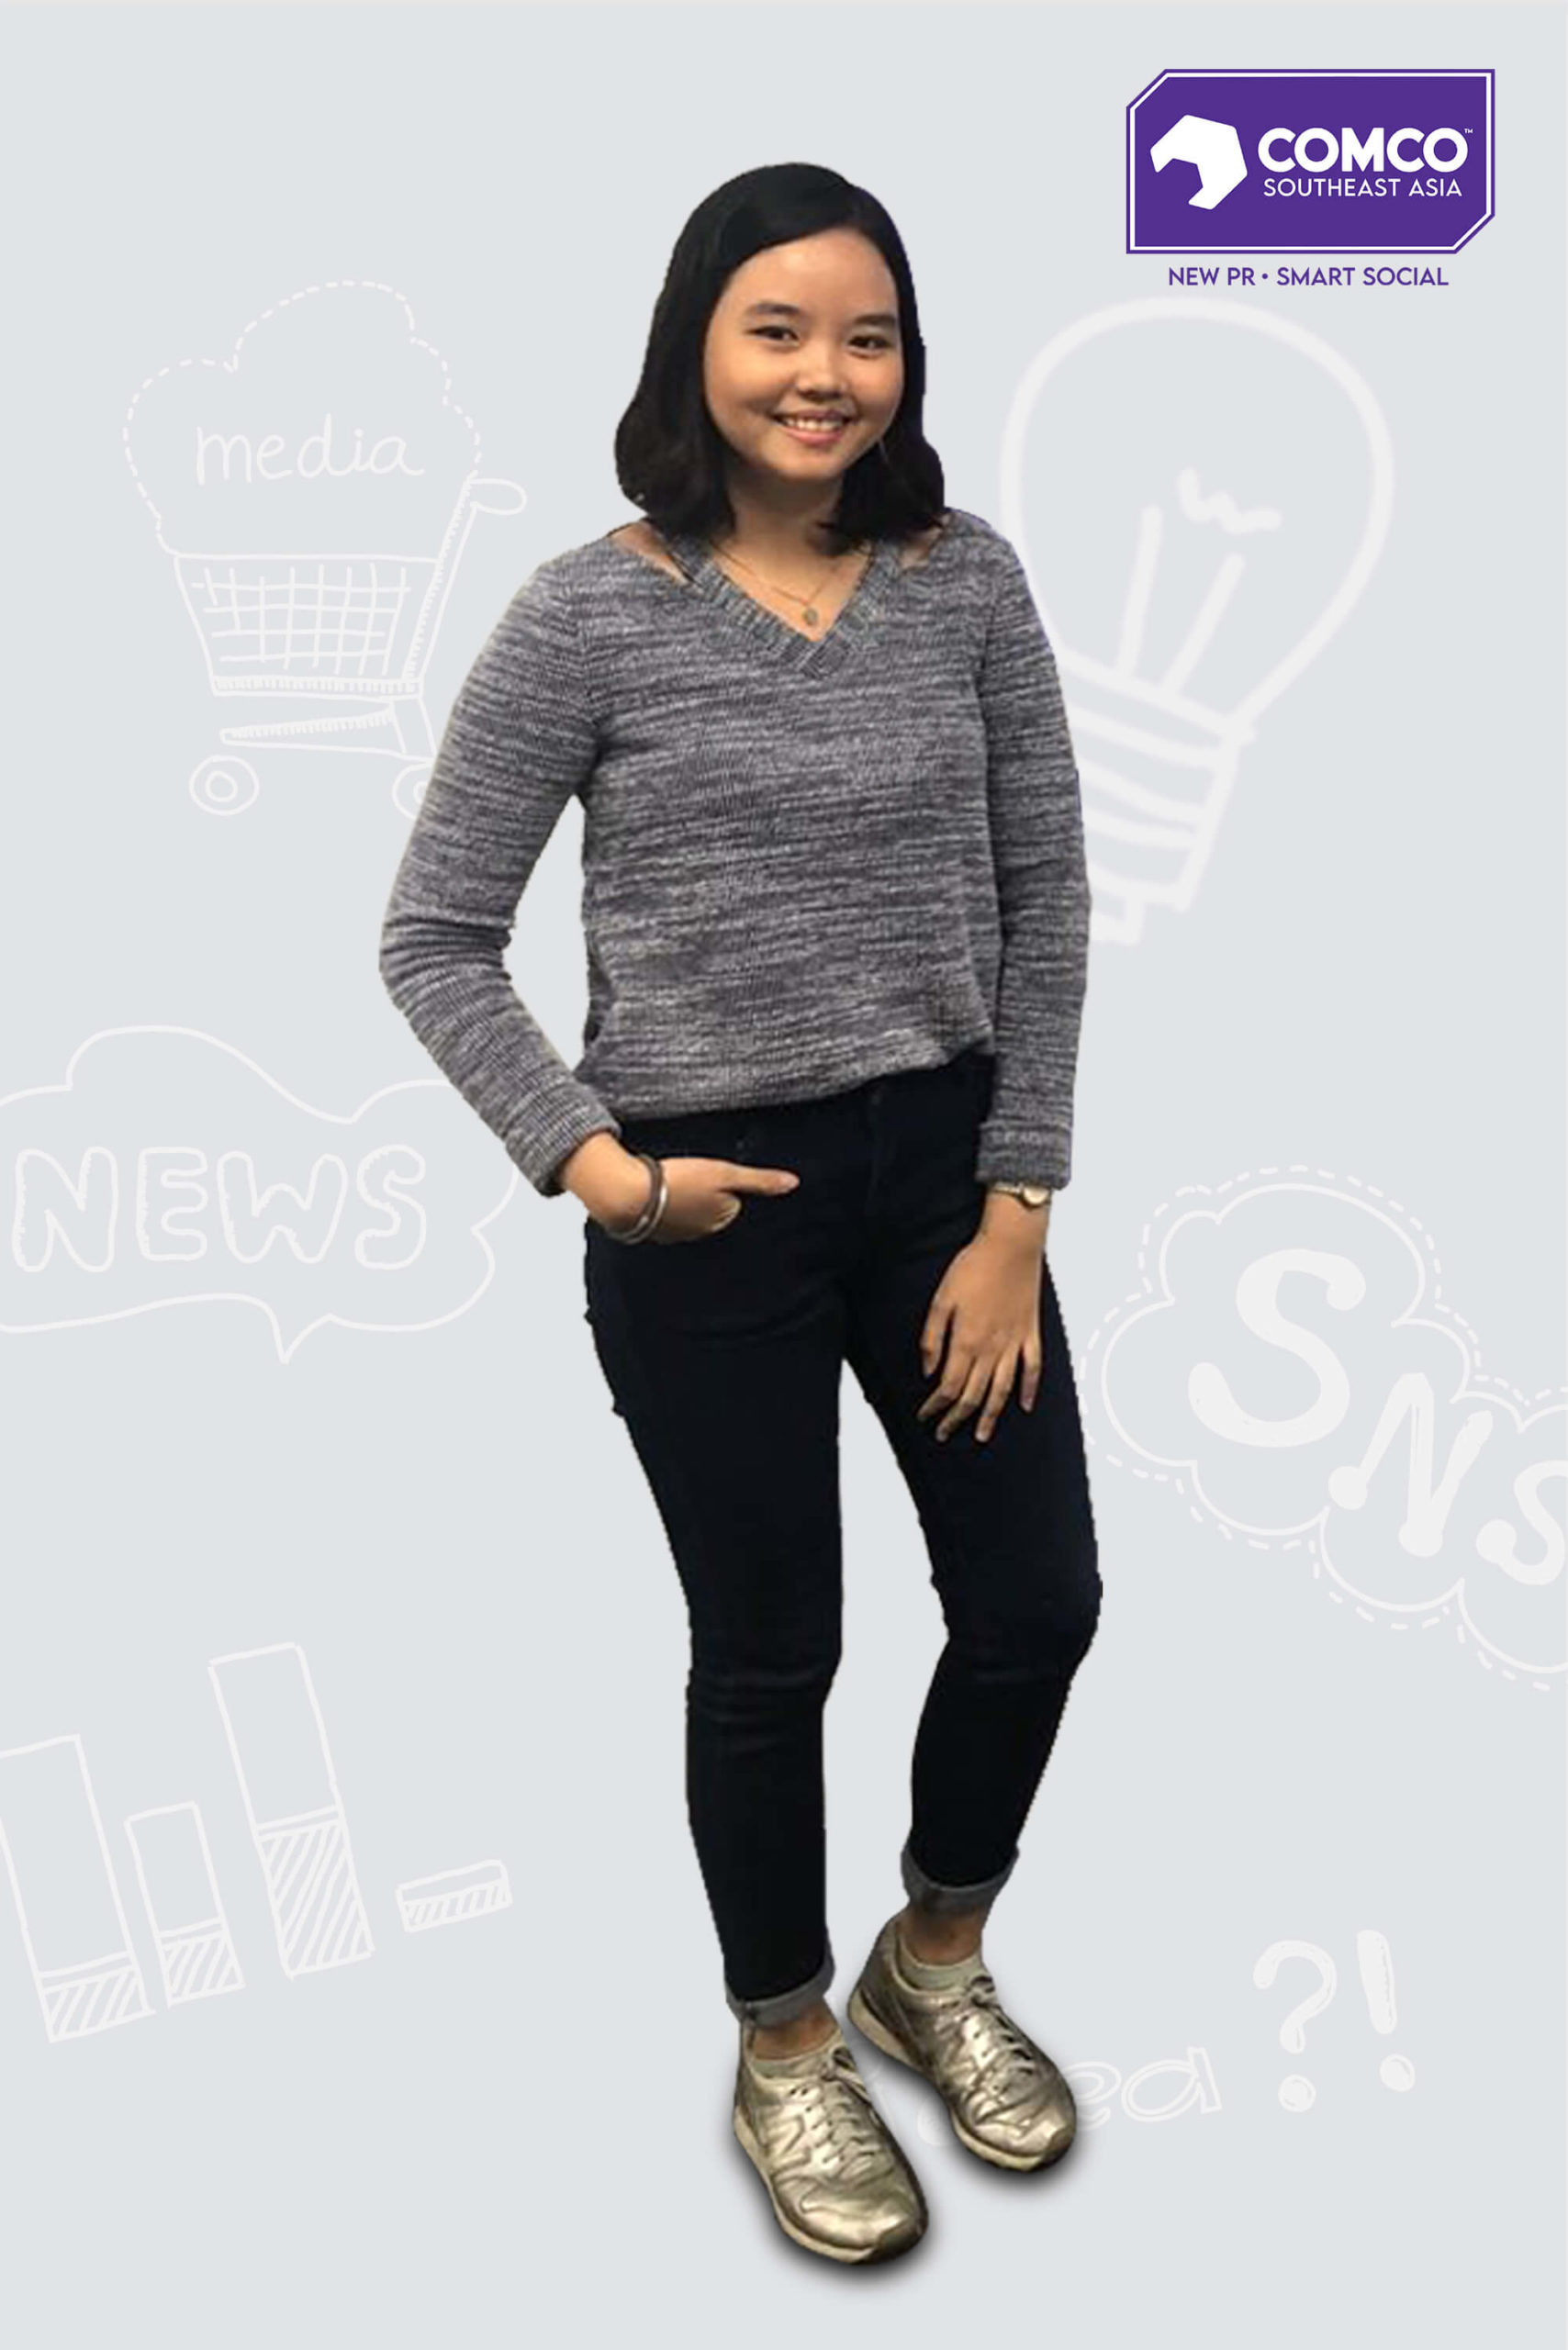 Trisha Reyes